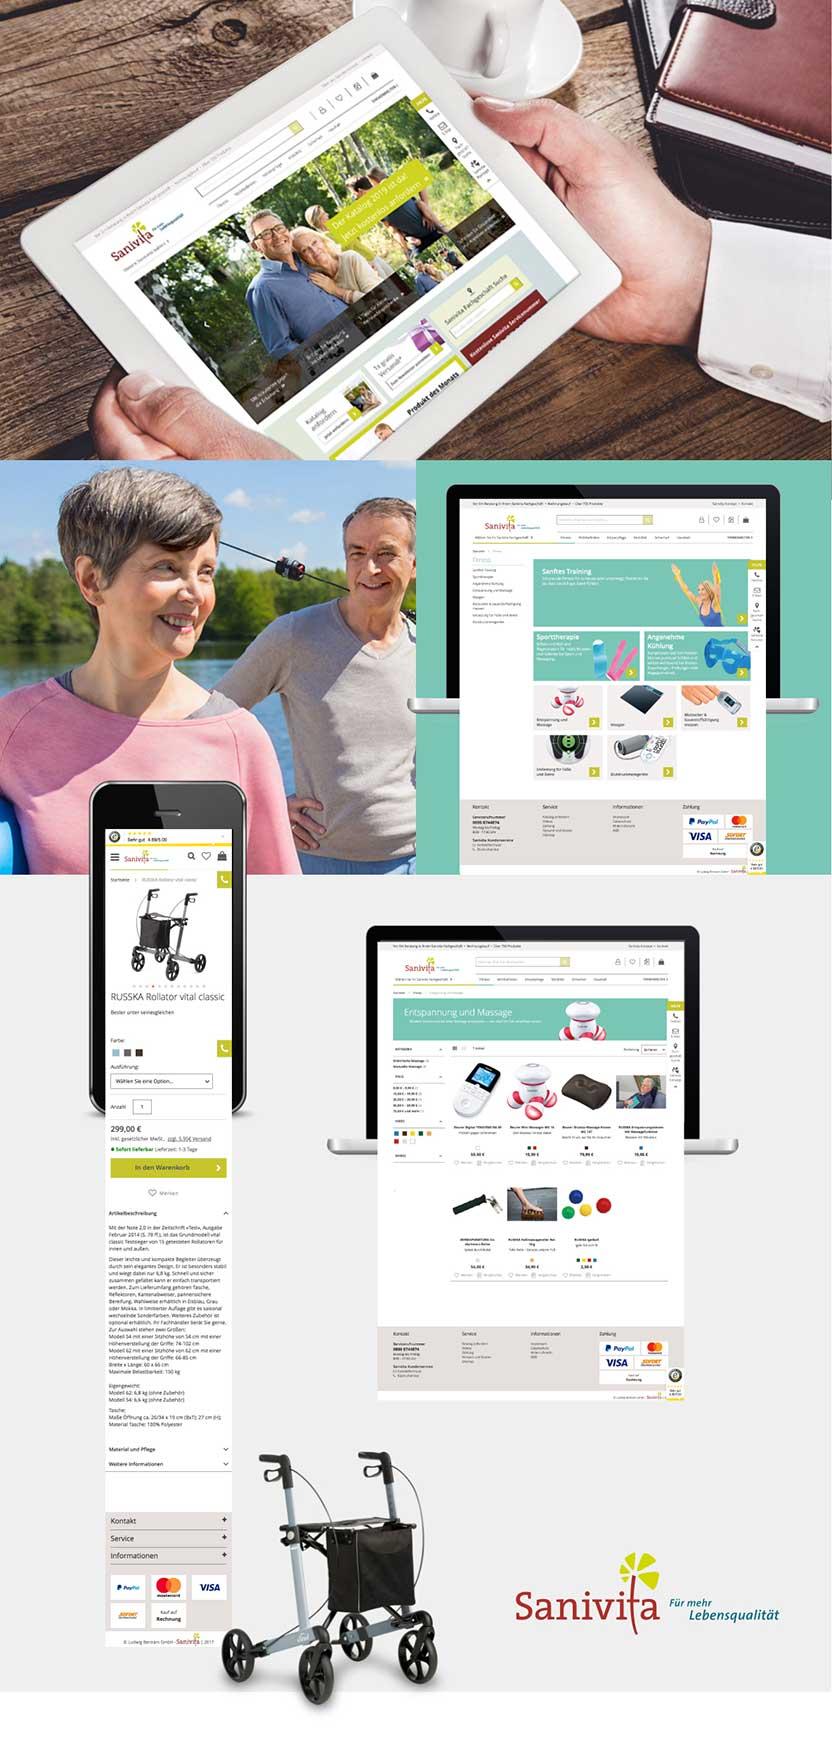 Unsere Referenz Sanivita - Magento Online-Shop des medizinischen Fachhandels